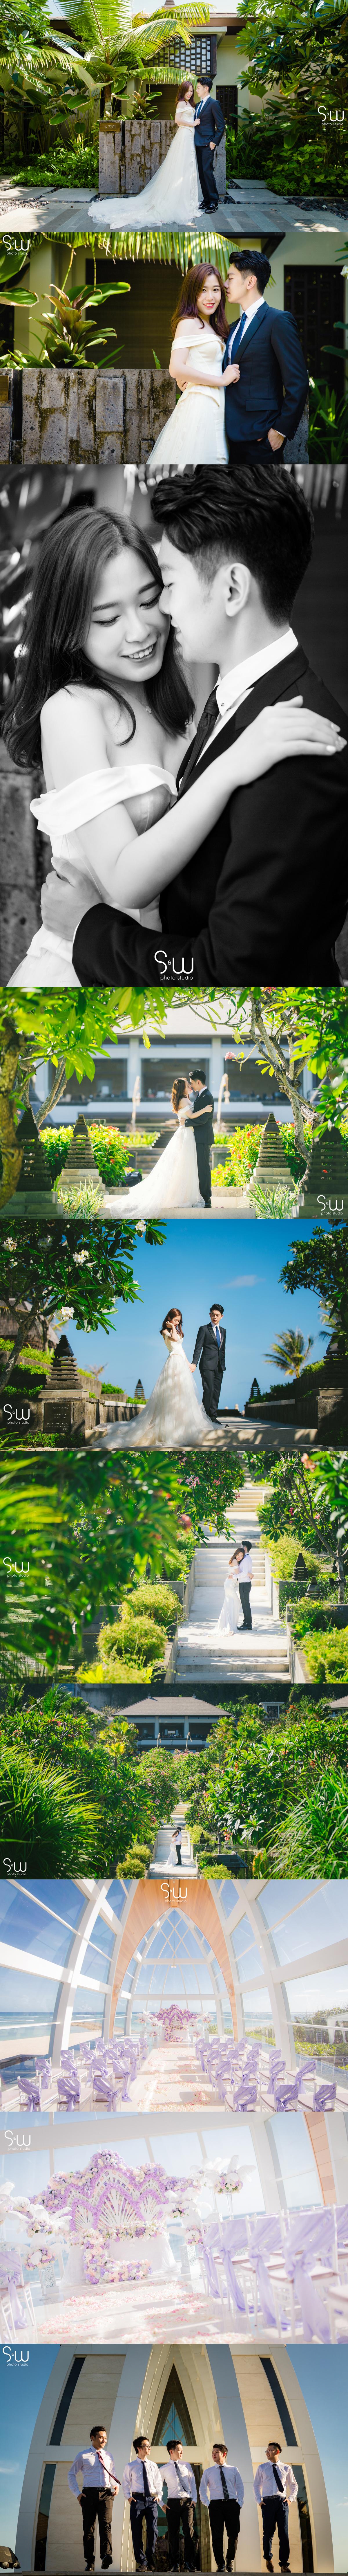 婚禮攝影,峇里島Ritz-Carlton,海外婚禮